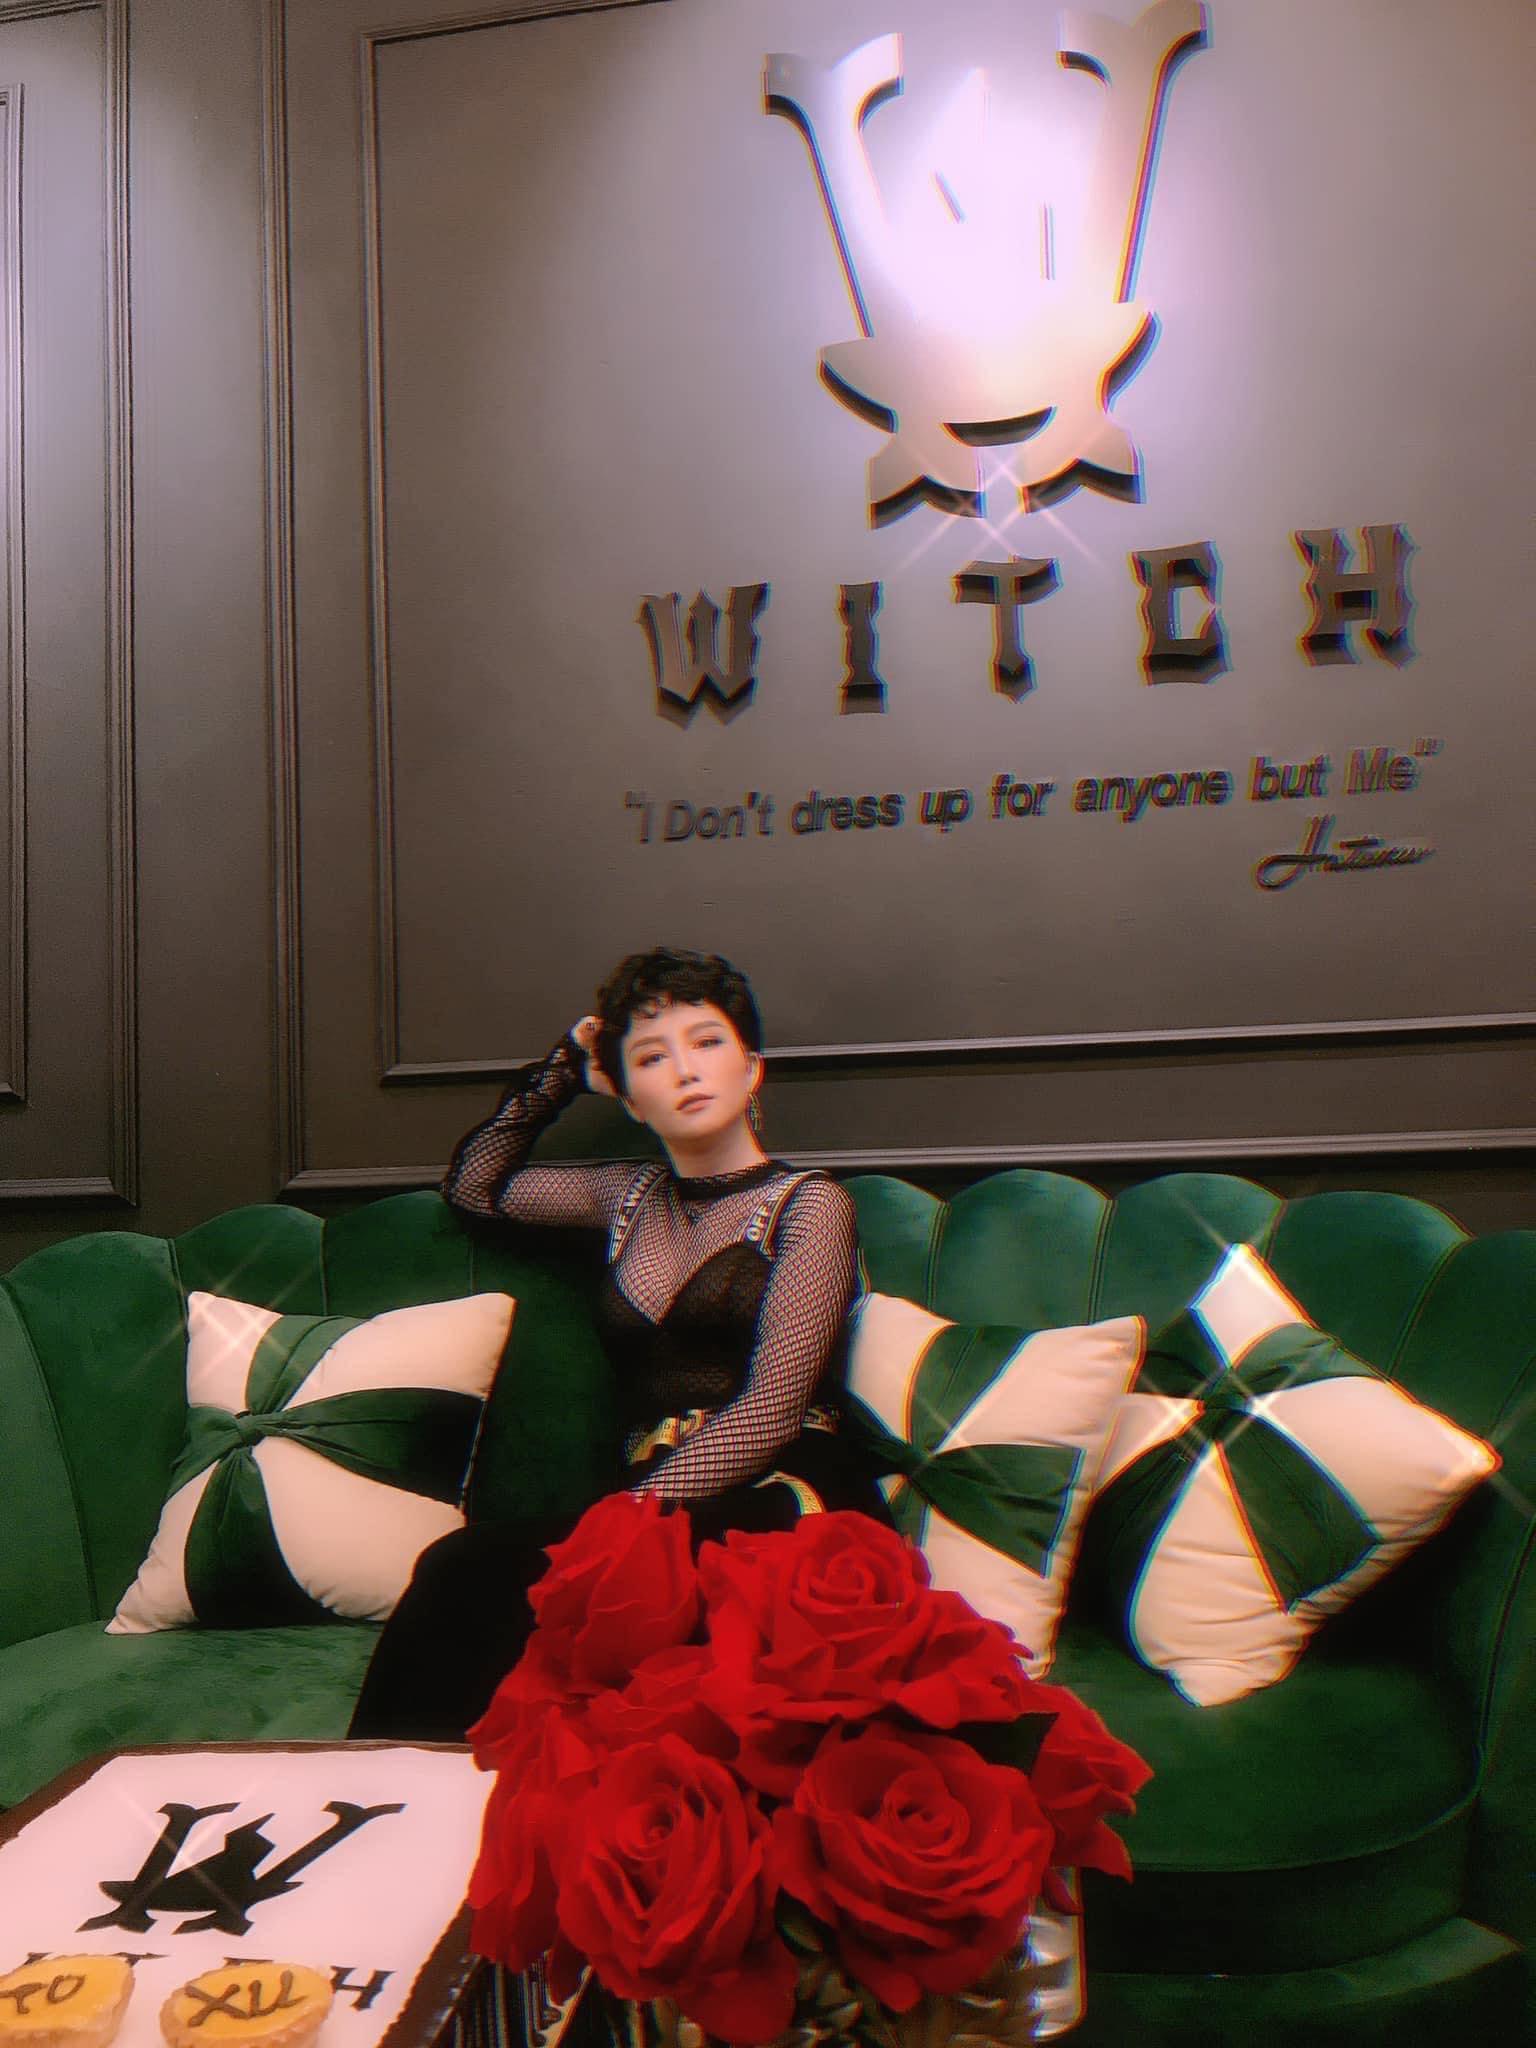 """Các tín đồ thời trang Việt """"rần rần"""" với thương hiệu thời trang thiết kế Witch by Hatoxu - Ảnh 1."""